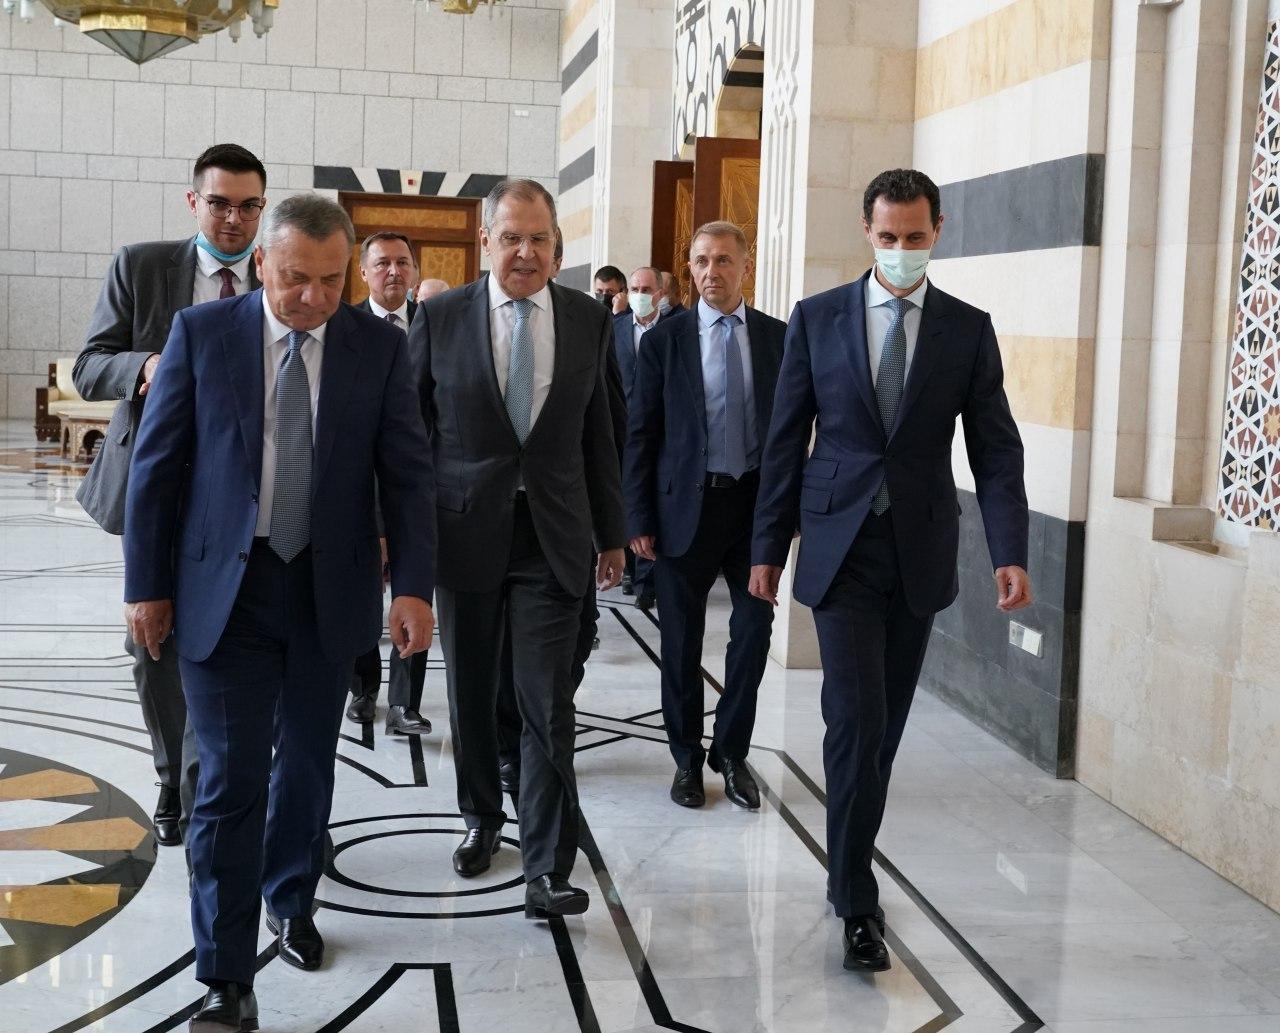 Русија ће наставити да пружа подршку Сирији да обнови контролу над свим њеним територијама